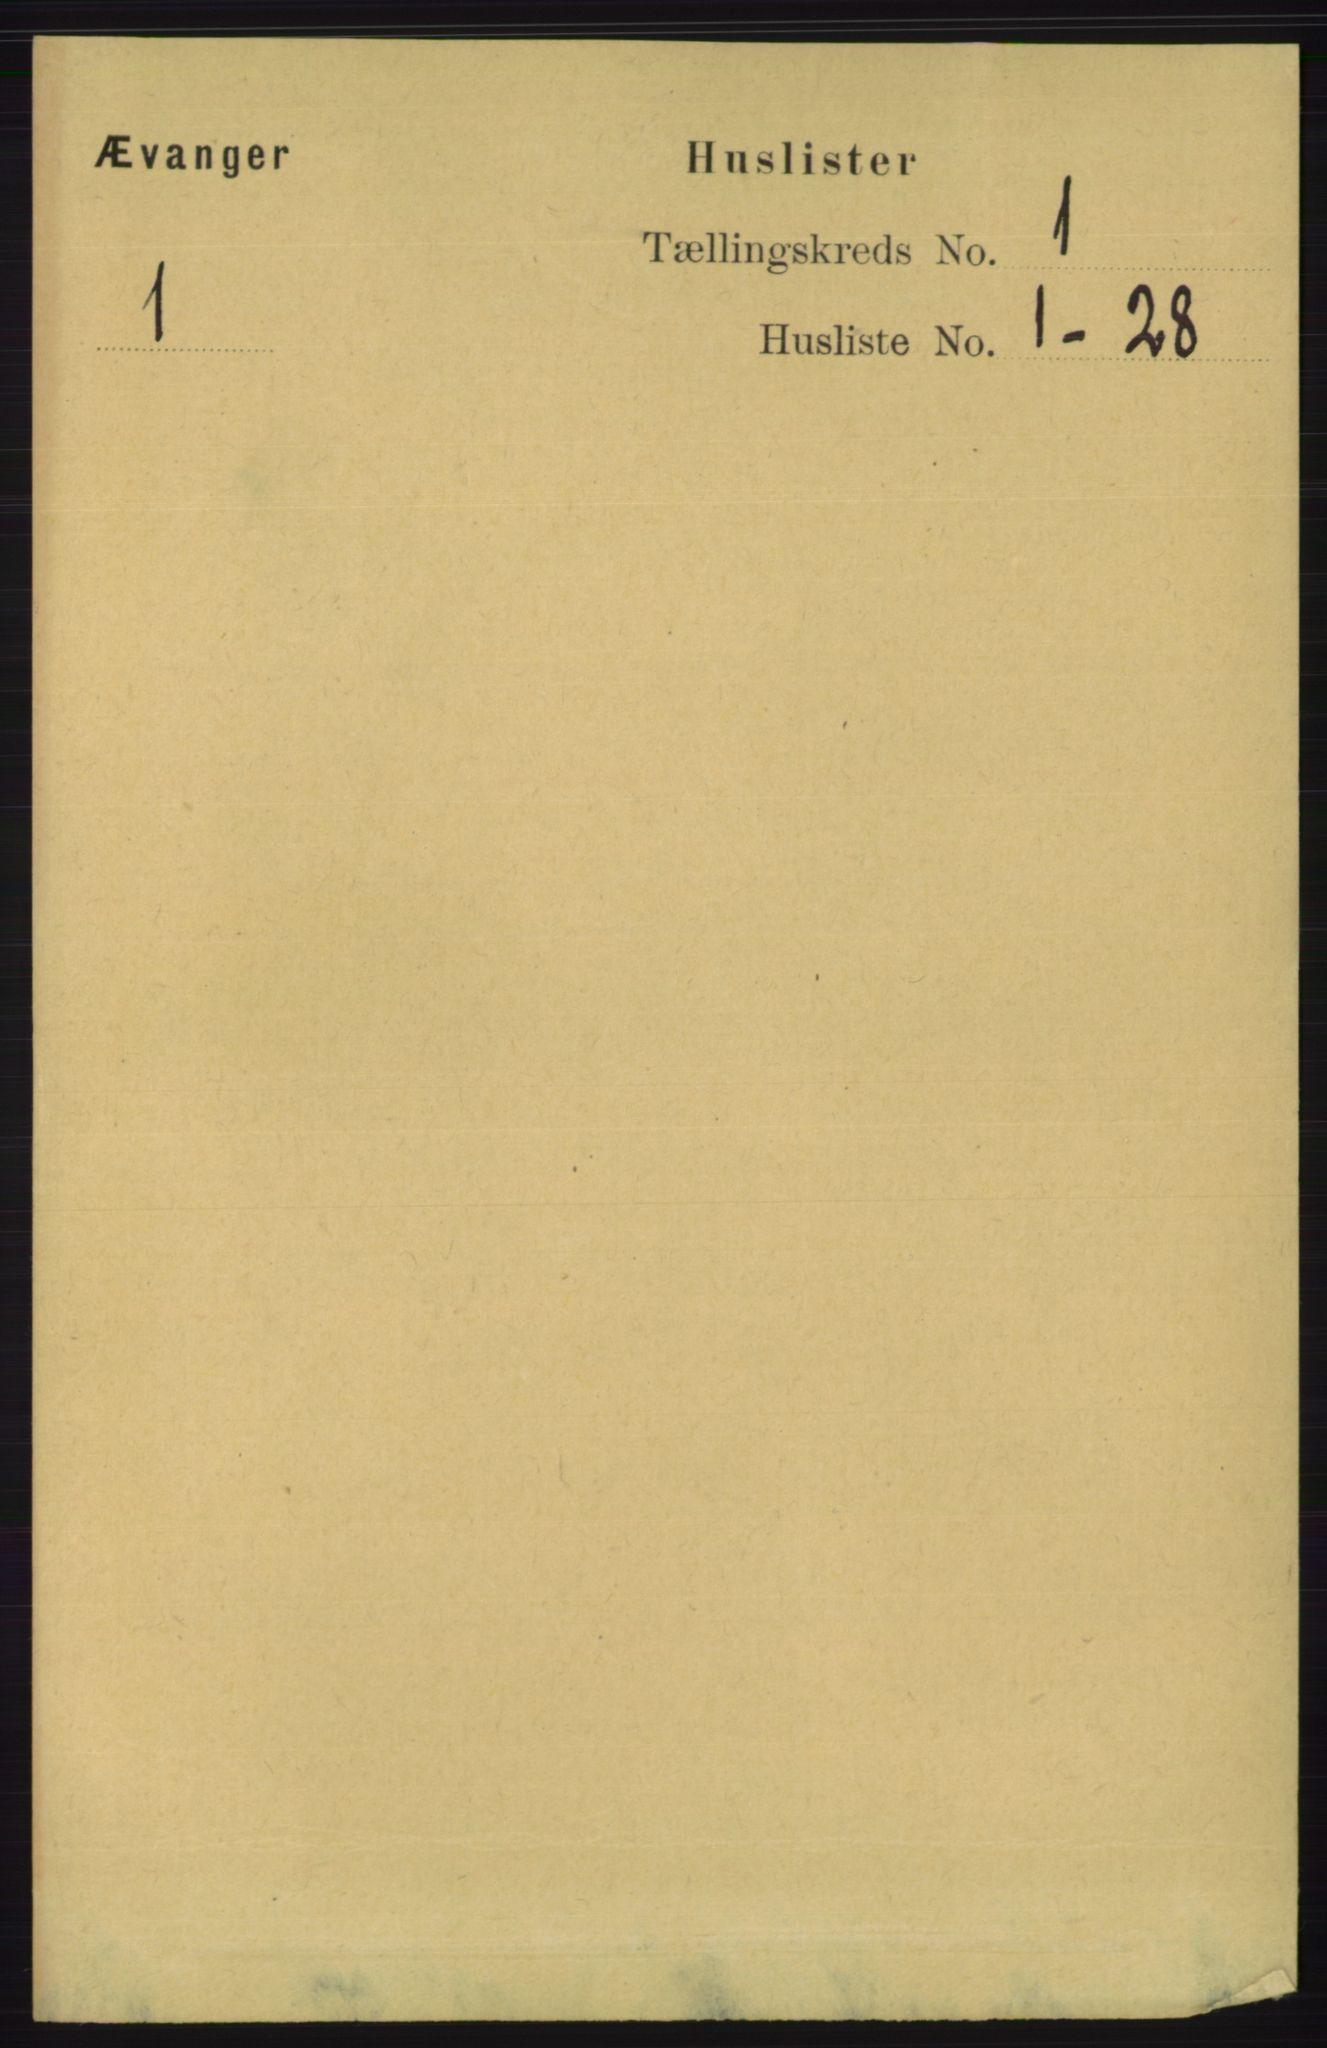 RA, Folketelling 1891 for 1237 Evanger herred, 1891, s. 24